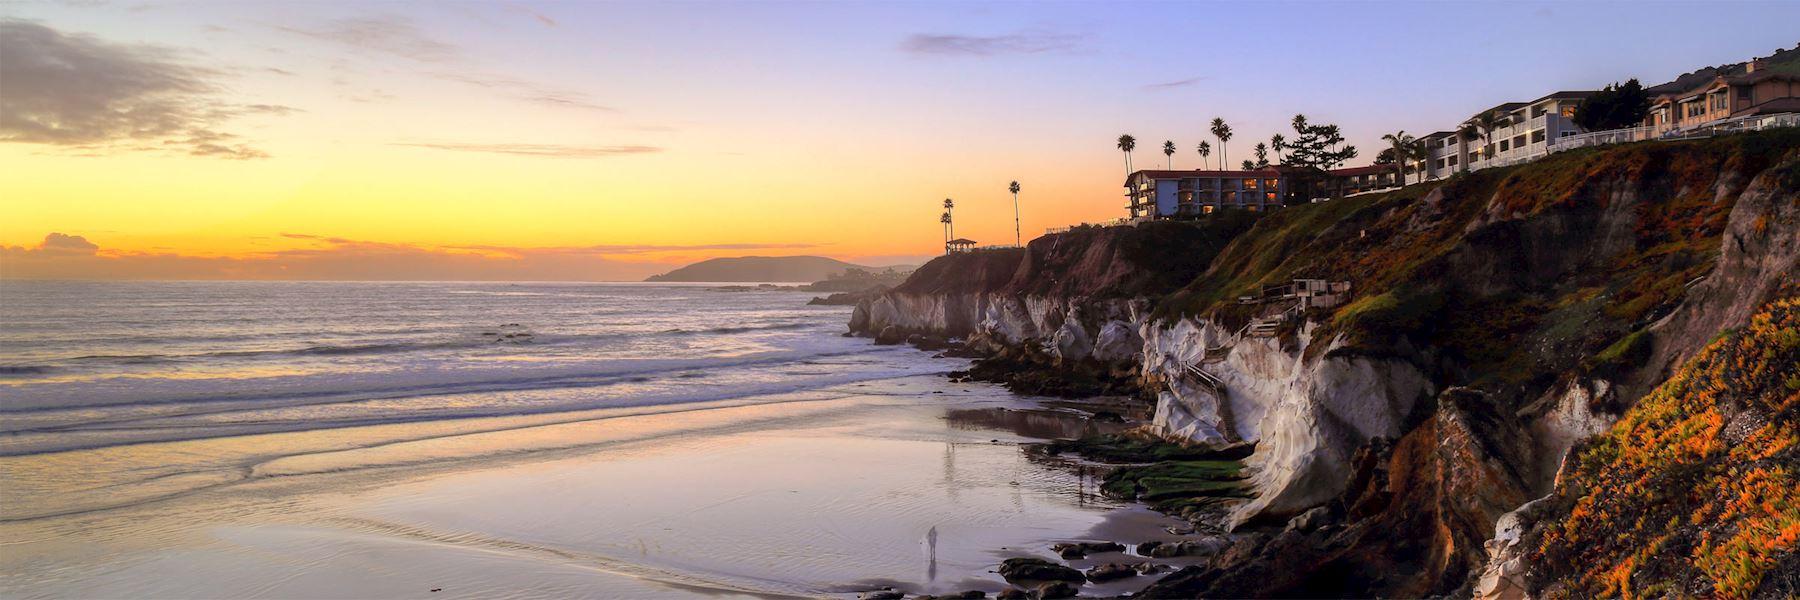 Visit Pismo Beach, California